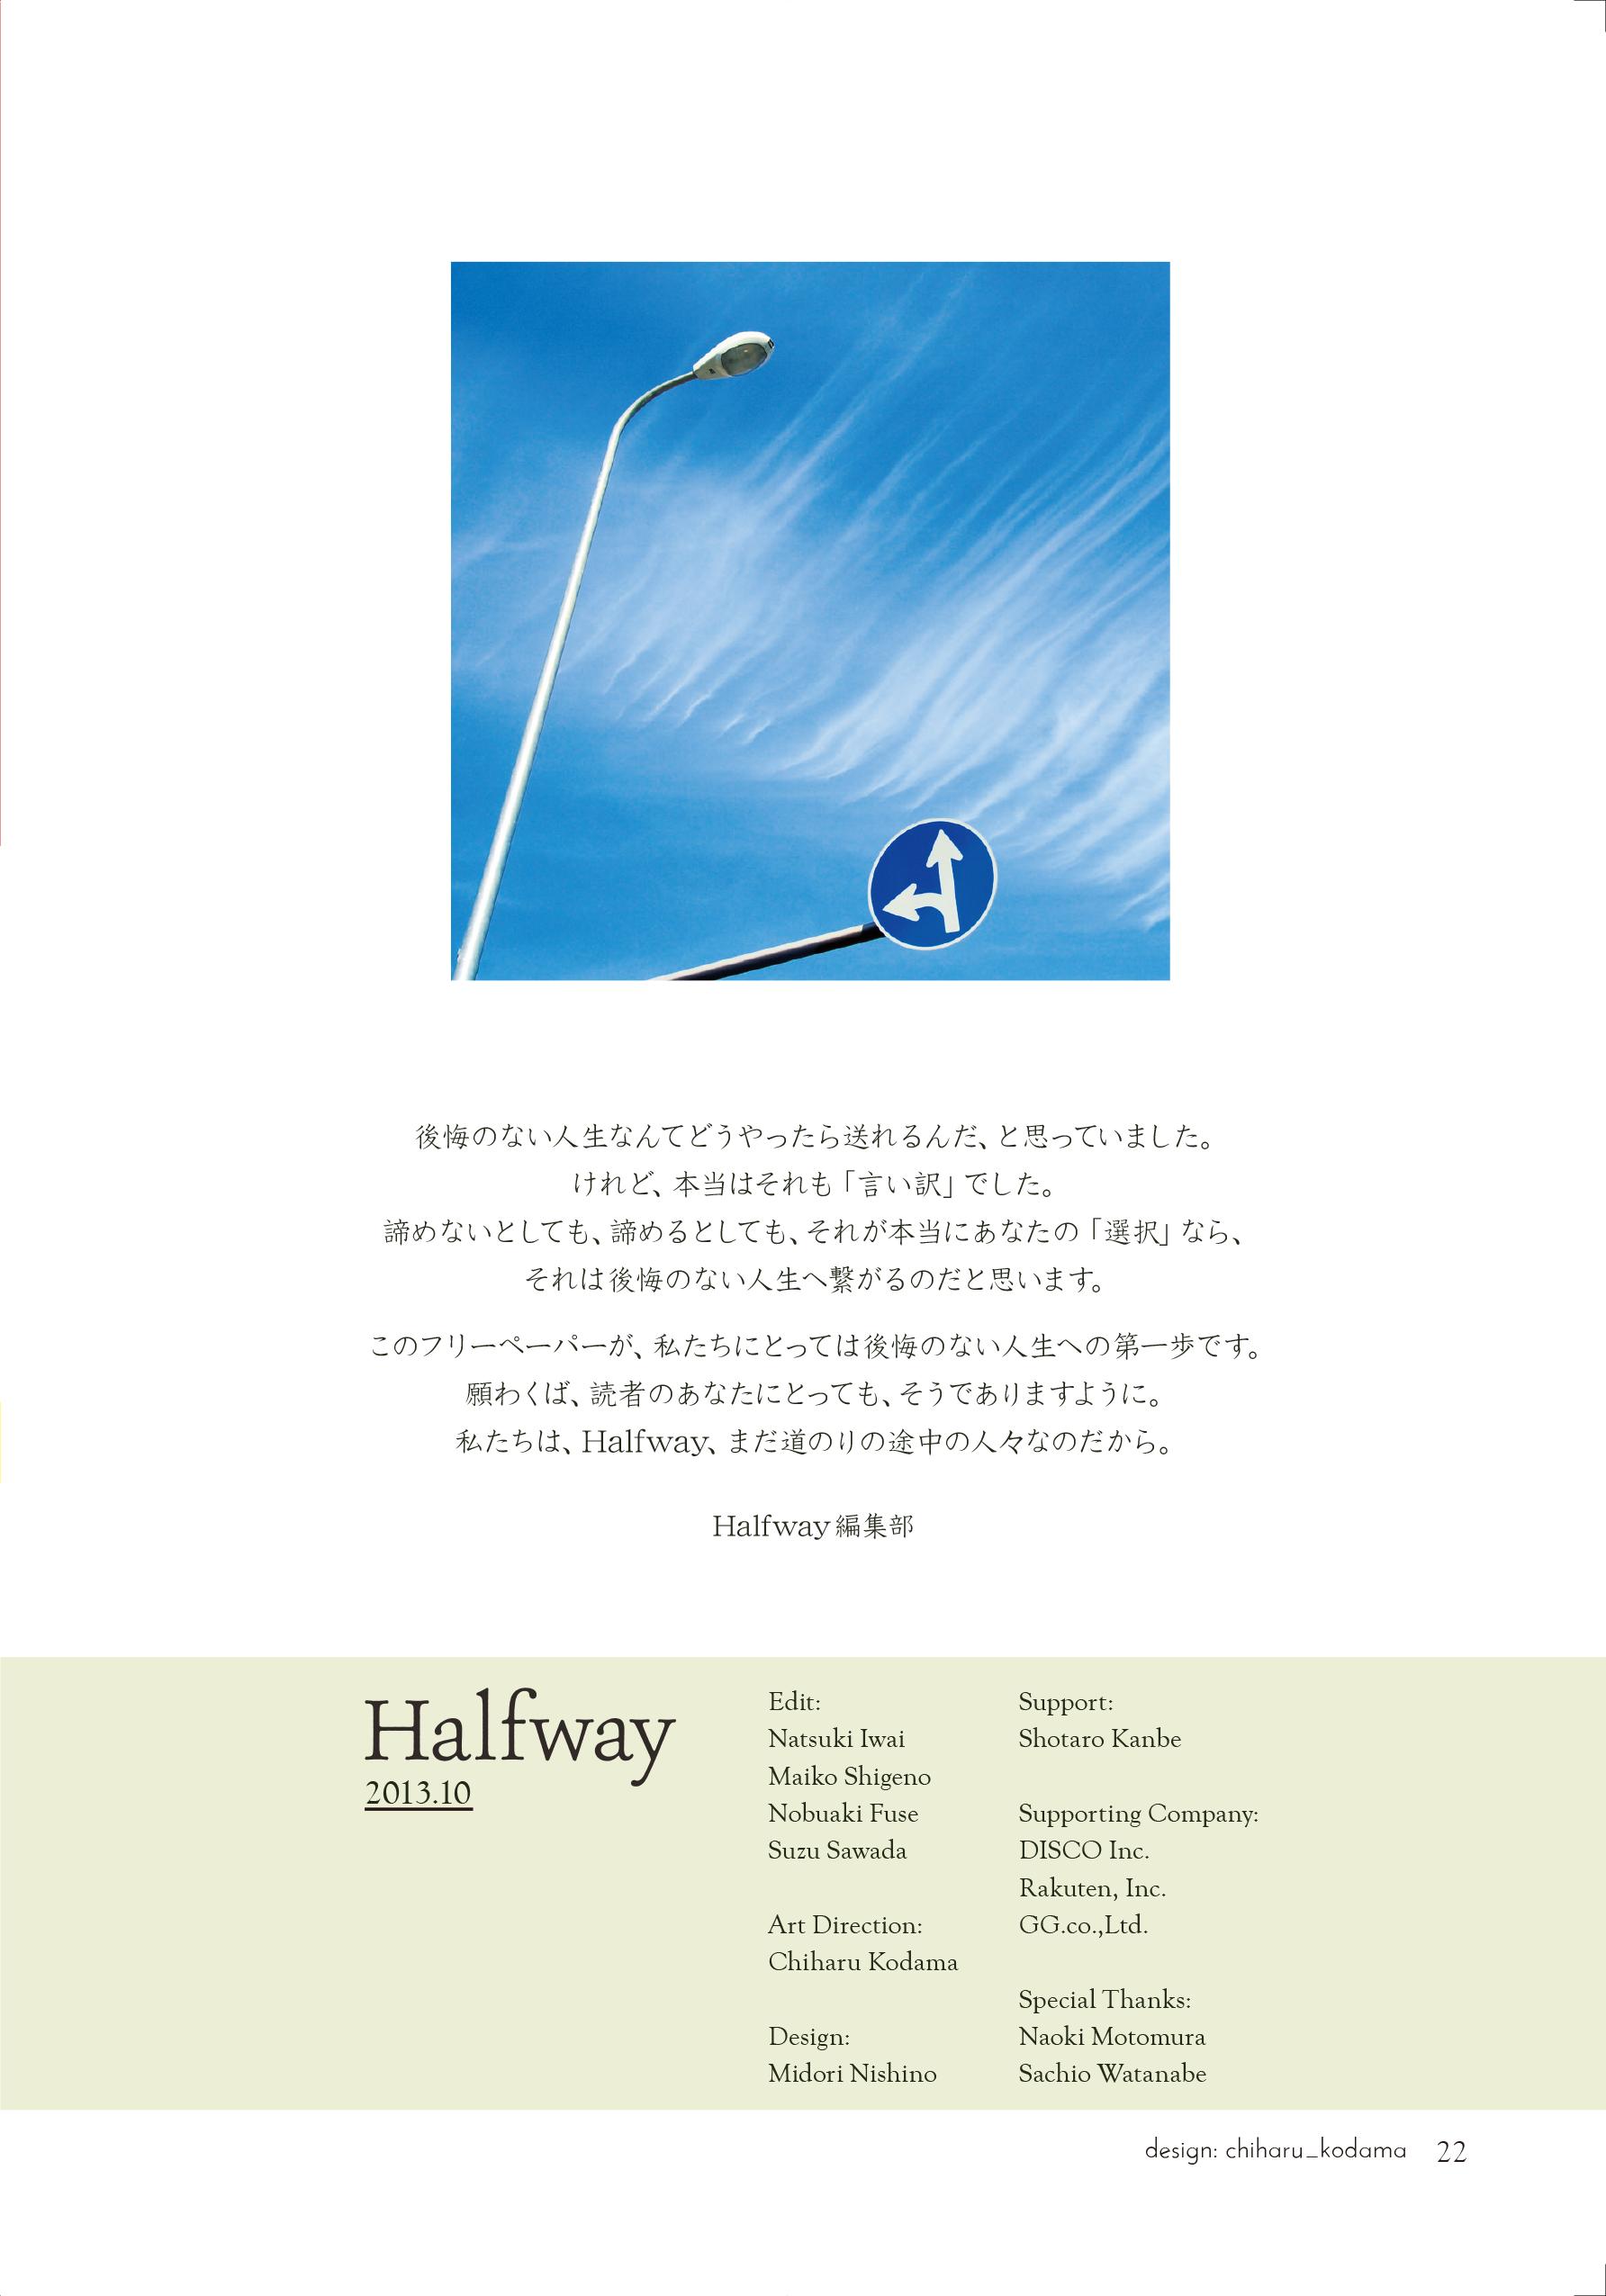 halfway_n_131023_4-5